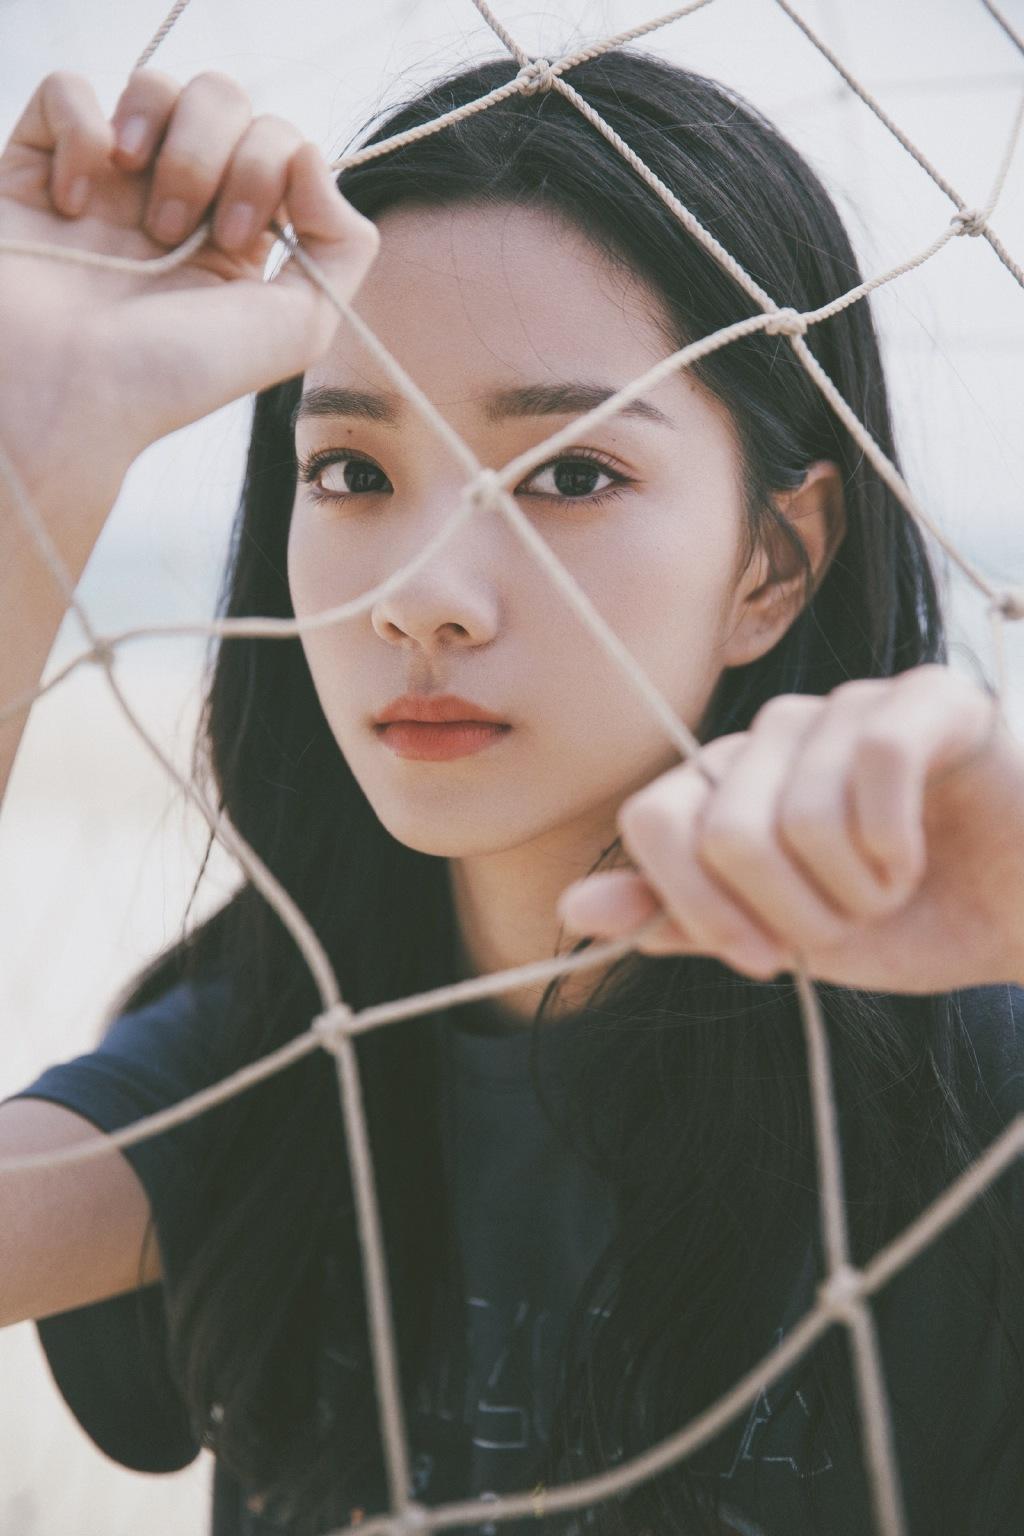 吴磊同学,和tfboys拍过广告,签约嘉行两年拍了6部女主剧